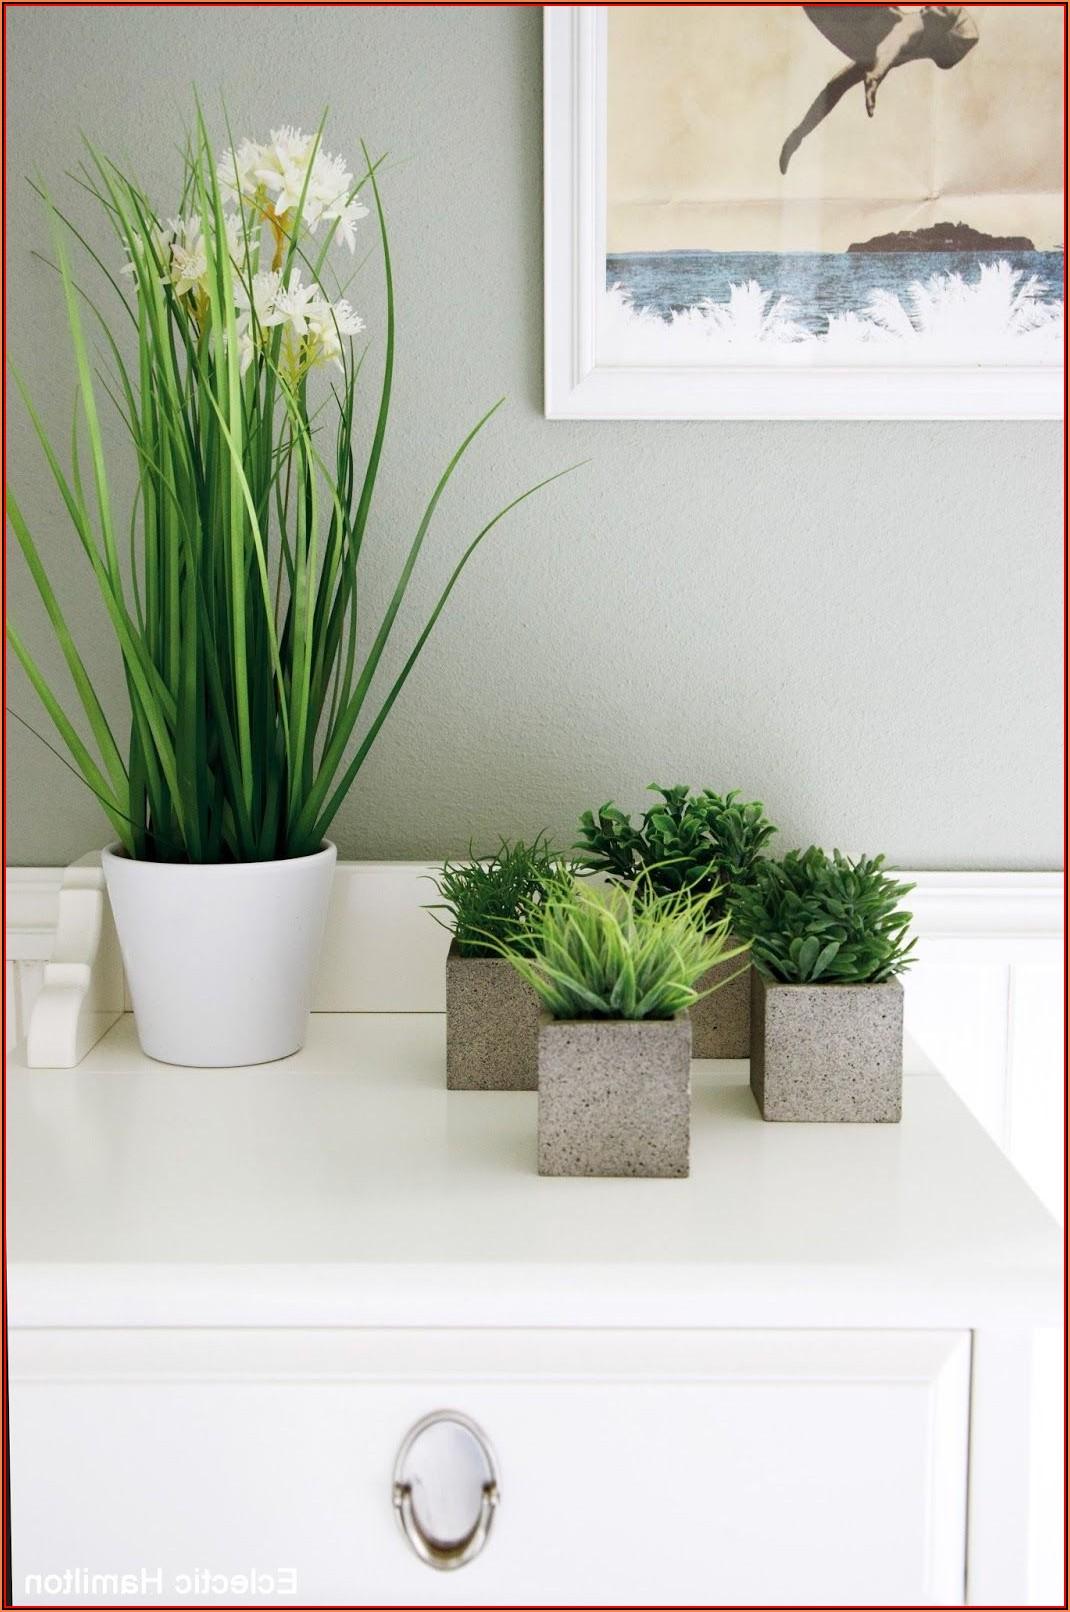 Badezimmer Dekorieren Mit Pflanzen